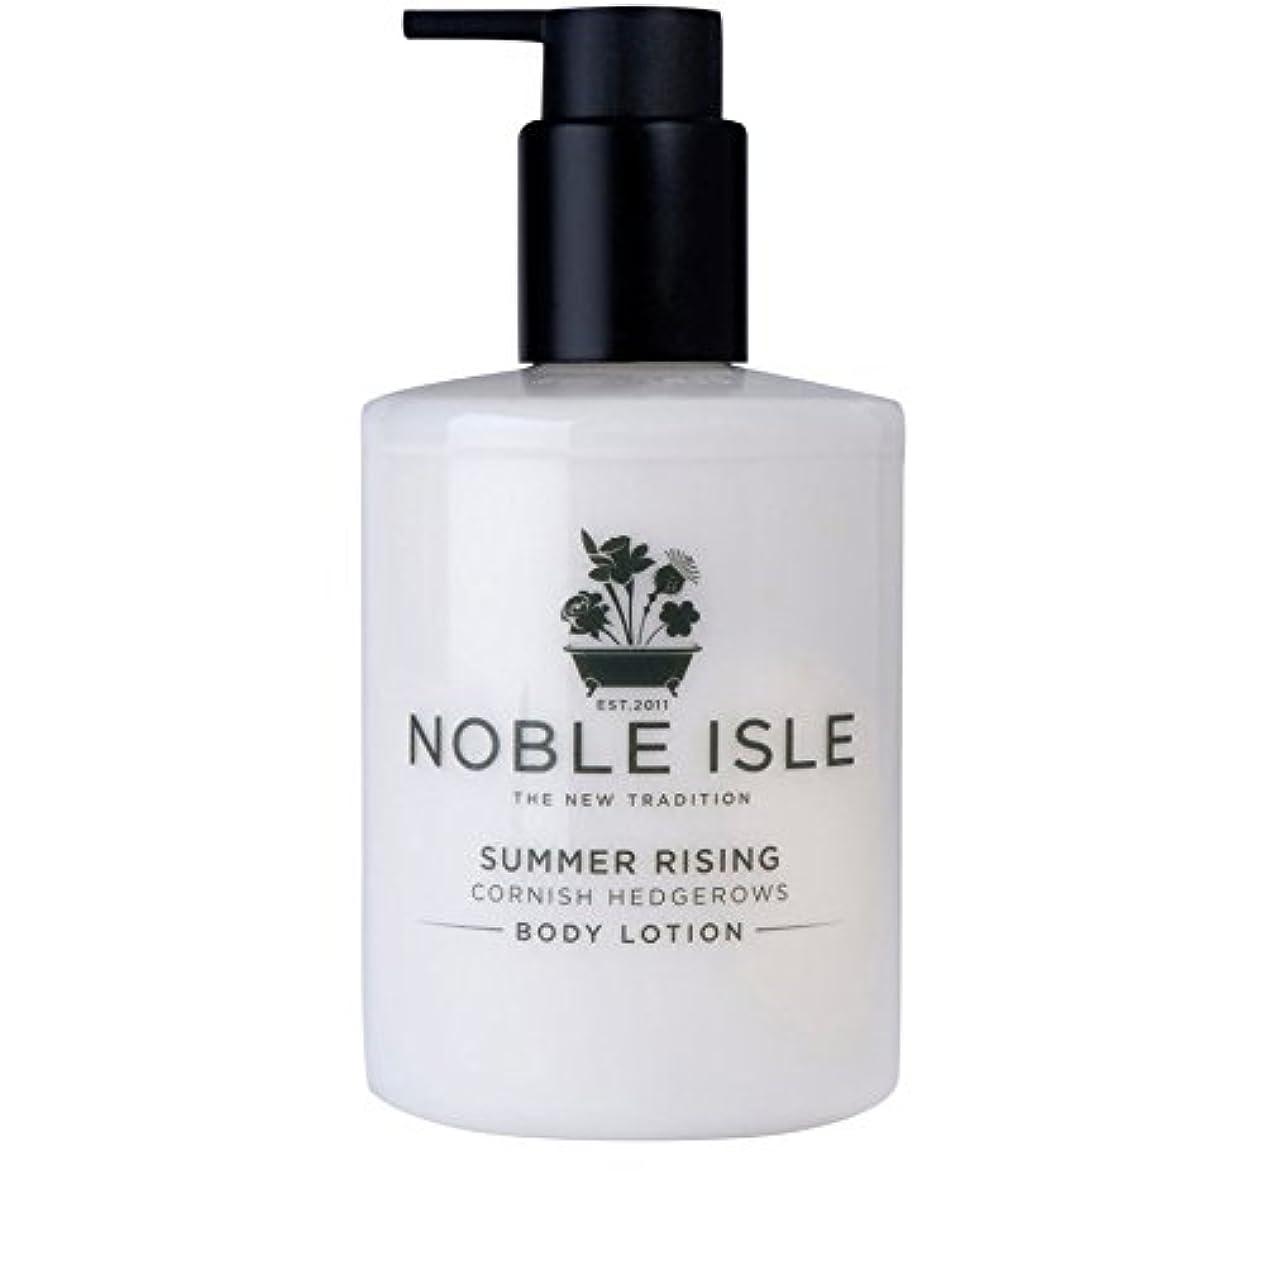 状態化学者手段コーニッシュ生け垣ボディローション250ミリリットルを上昇高貴な島の夏 x2 - Noble Isle Summer Rising Cornish Hedgerows Body Lotion 250ml (Pack of...